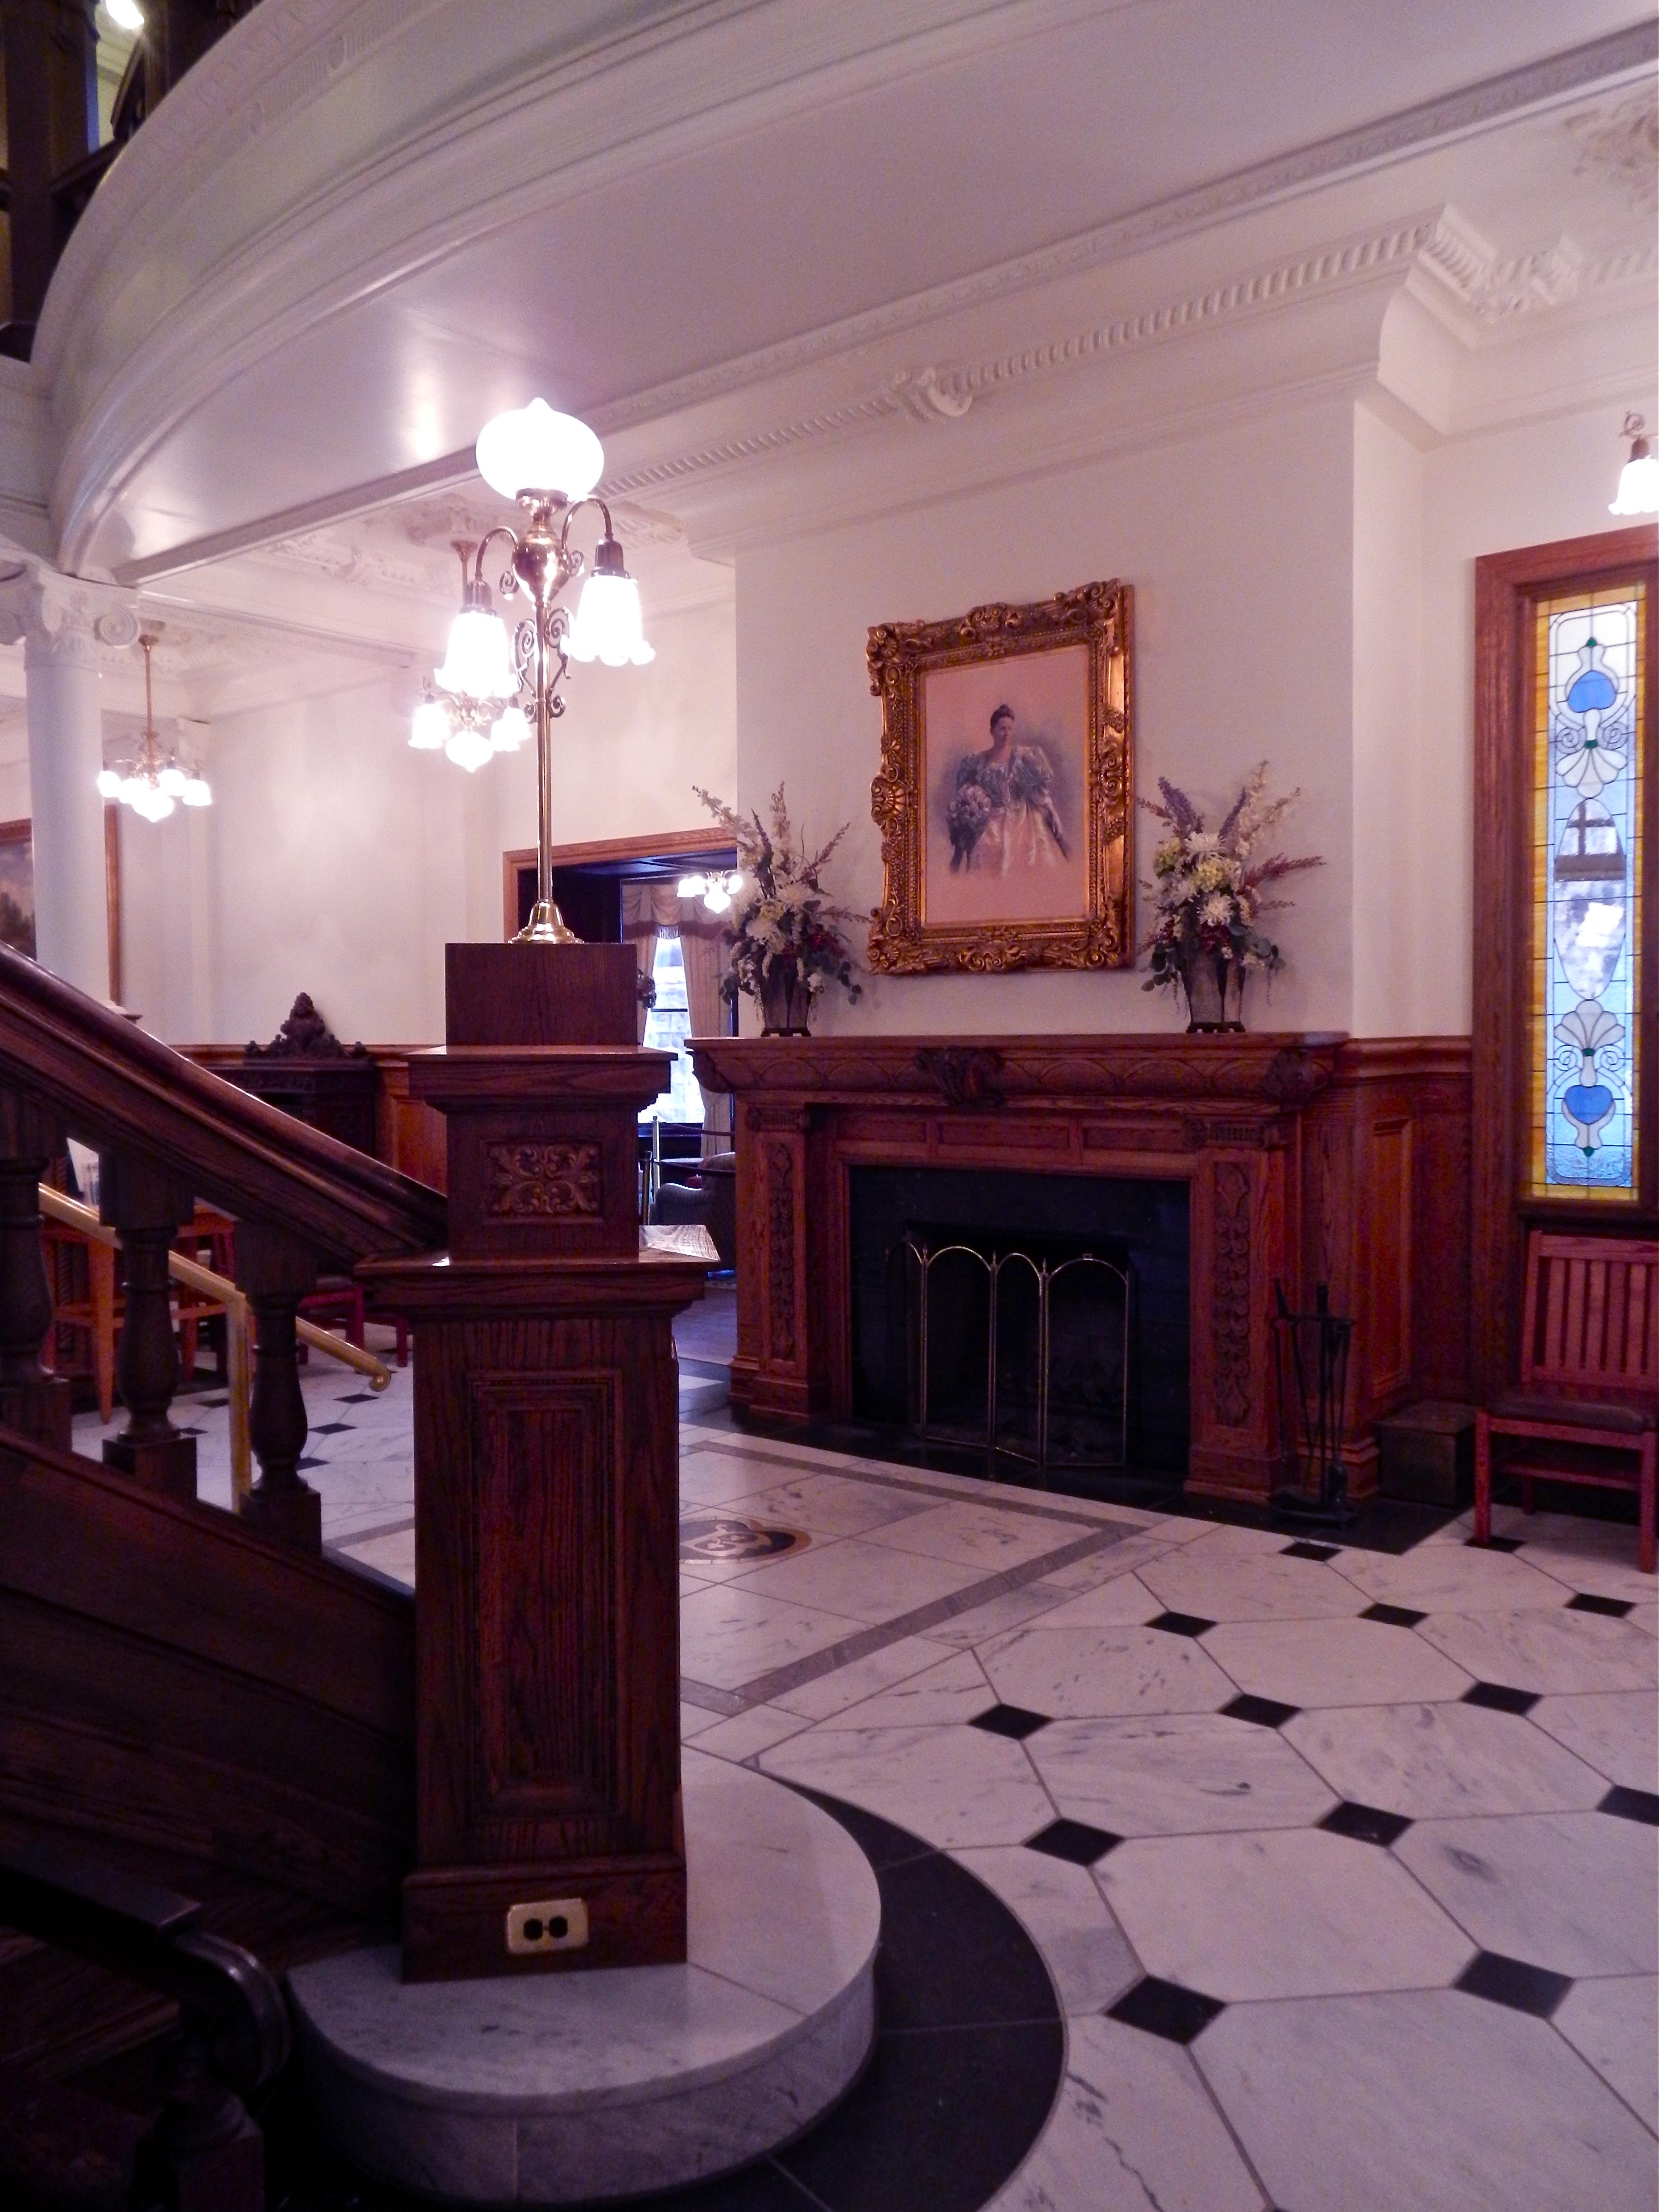 Boldt Castle Bonus Finished Interior Photos The Gilded Butler